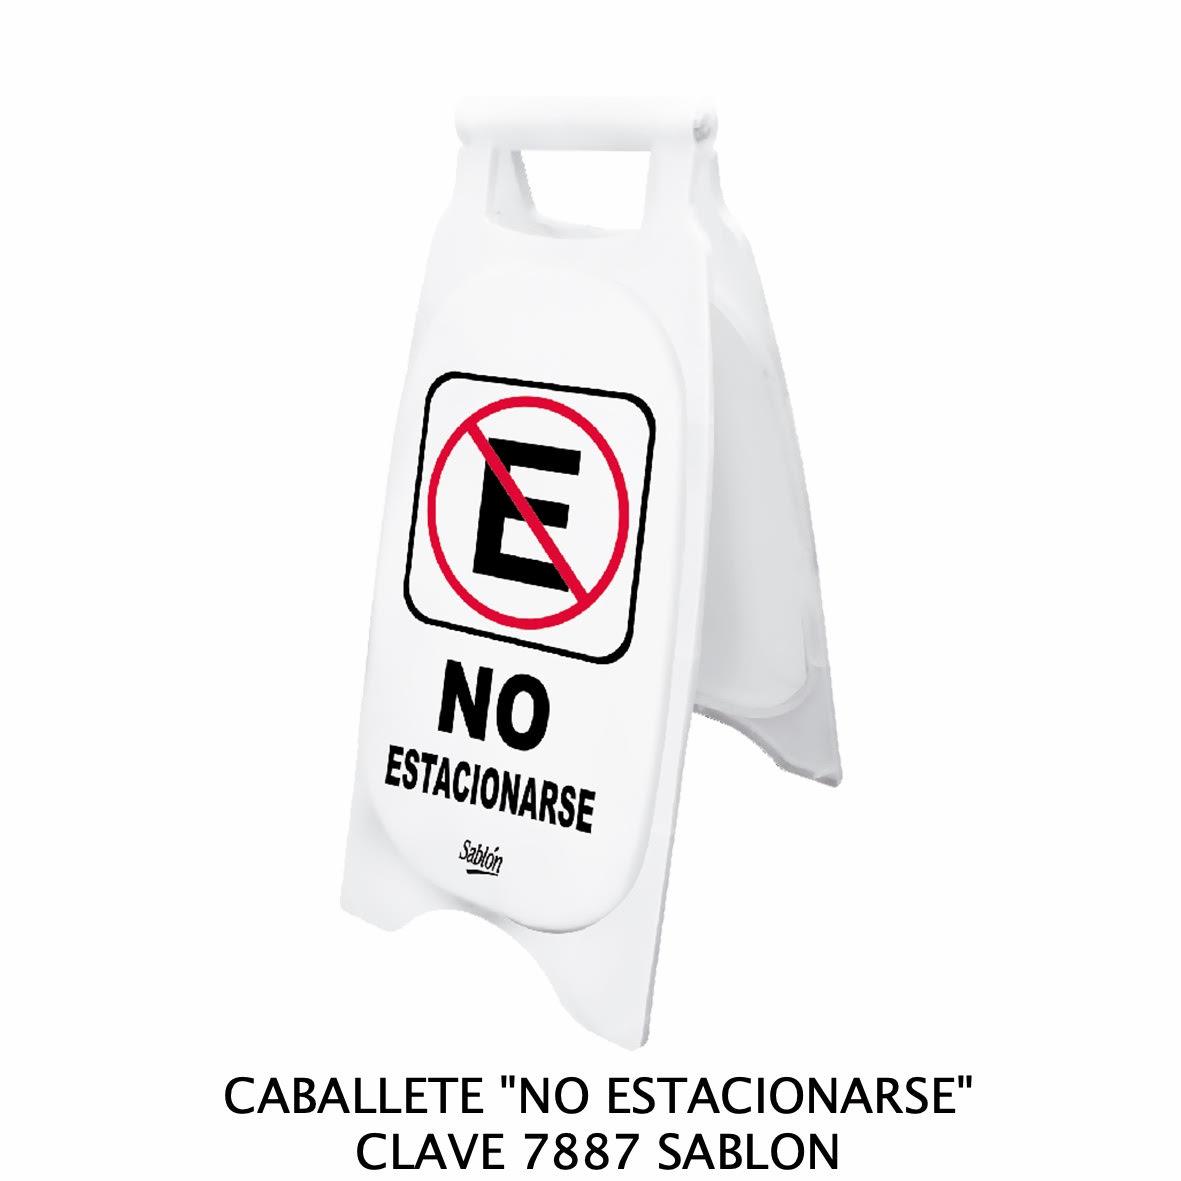 Caballete con señal NO ESTACIONARSE Clave 7887 de Sablón